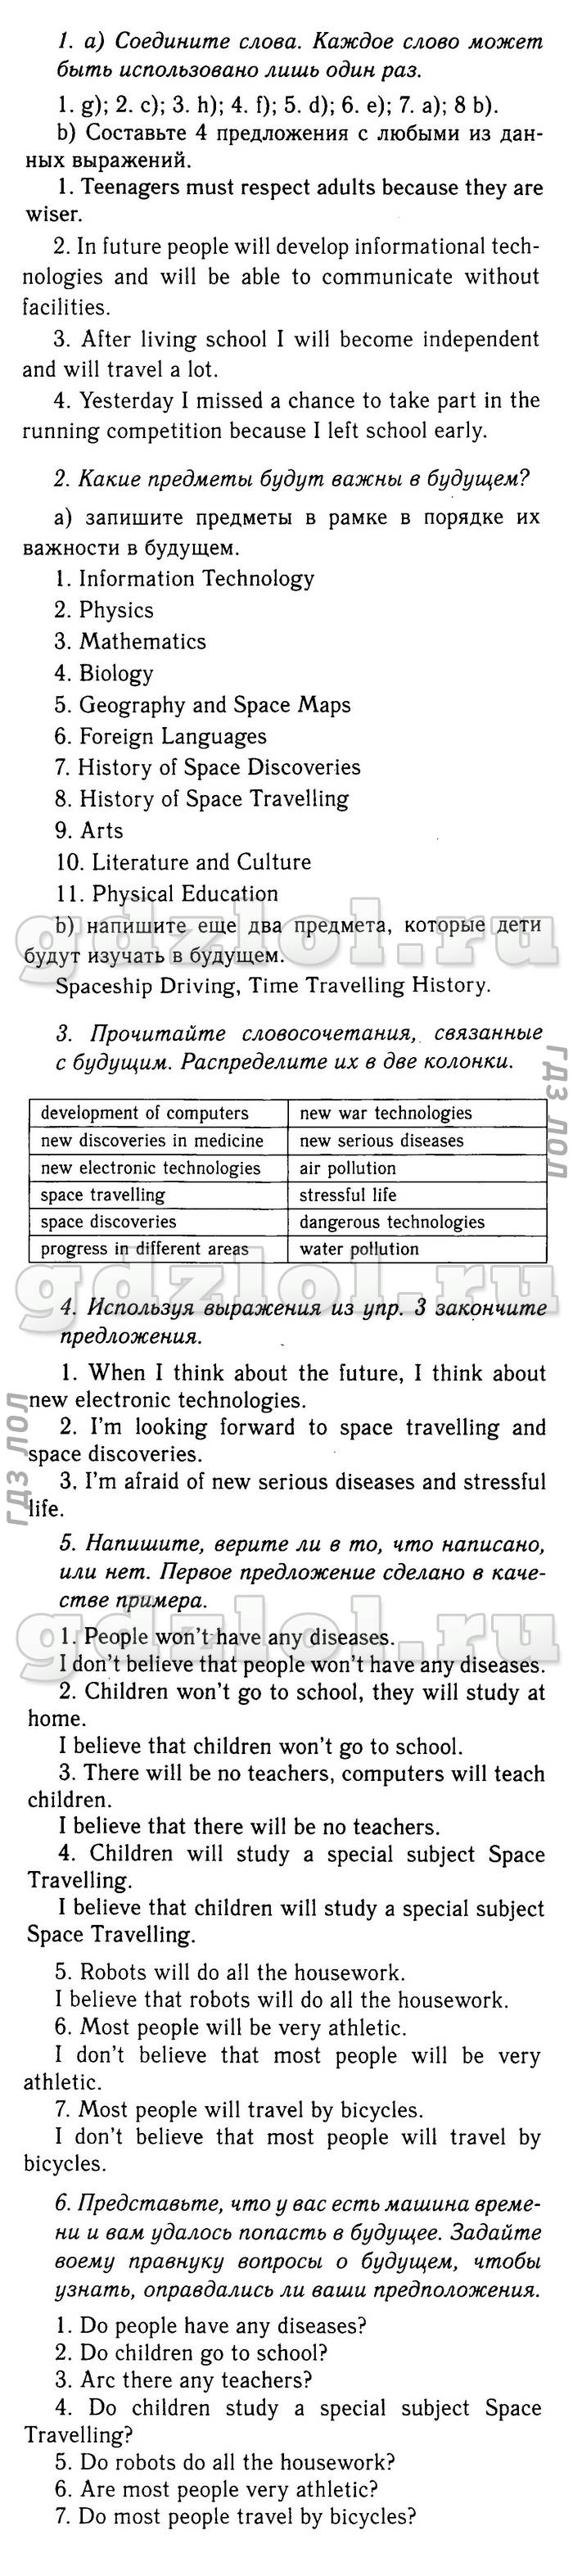 Спиши.ру 7 класс английский язык new millennium